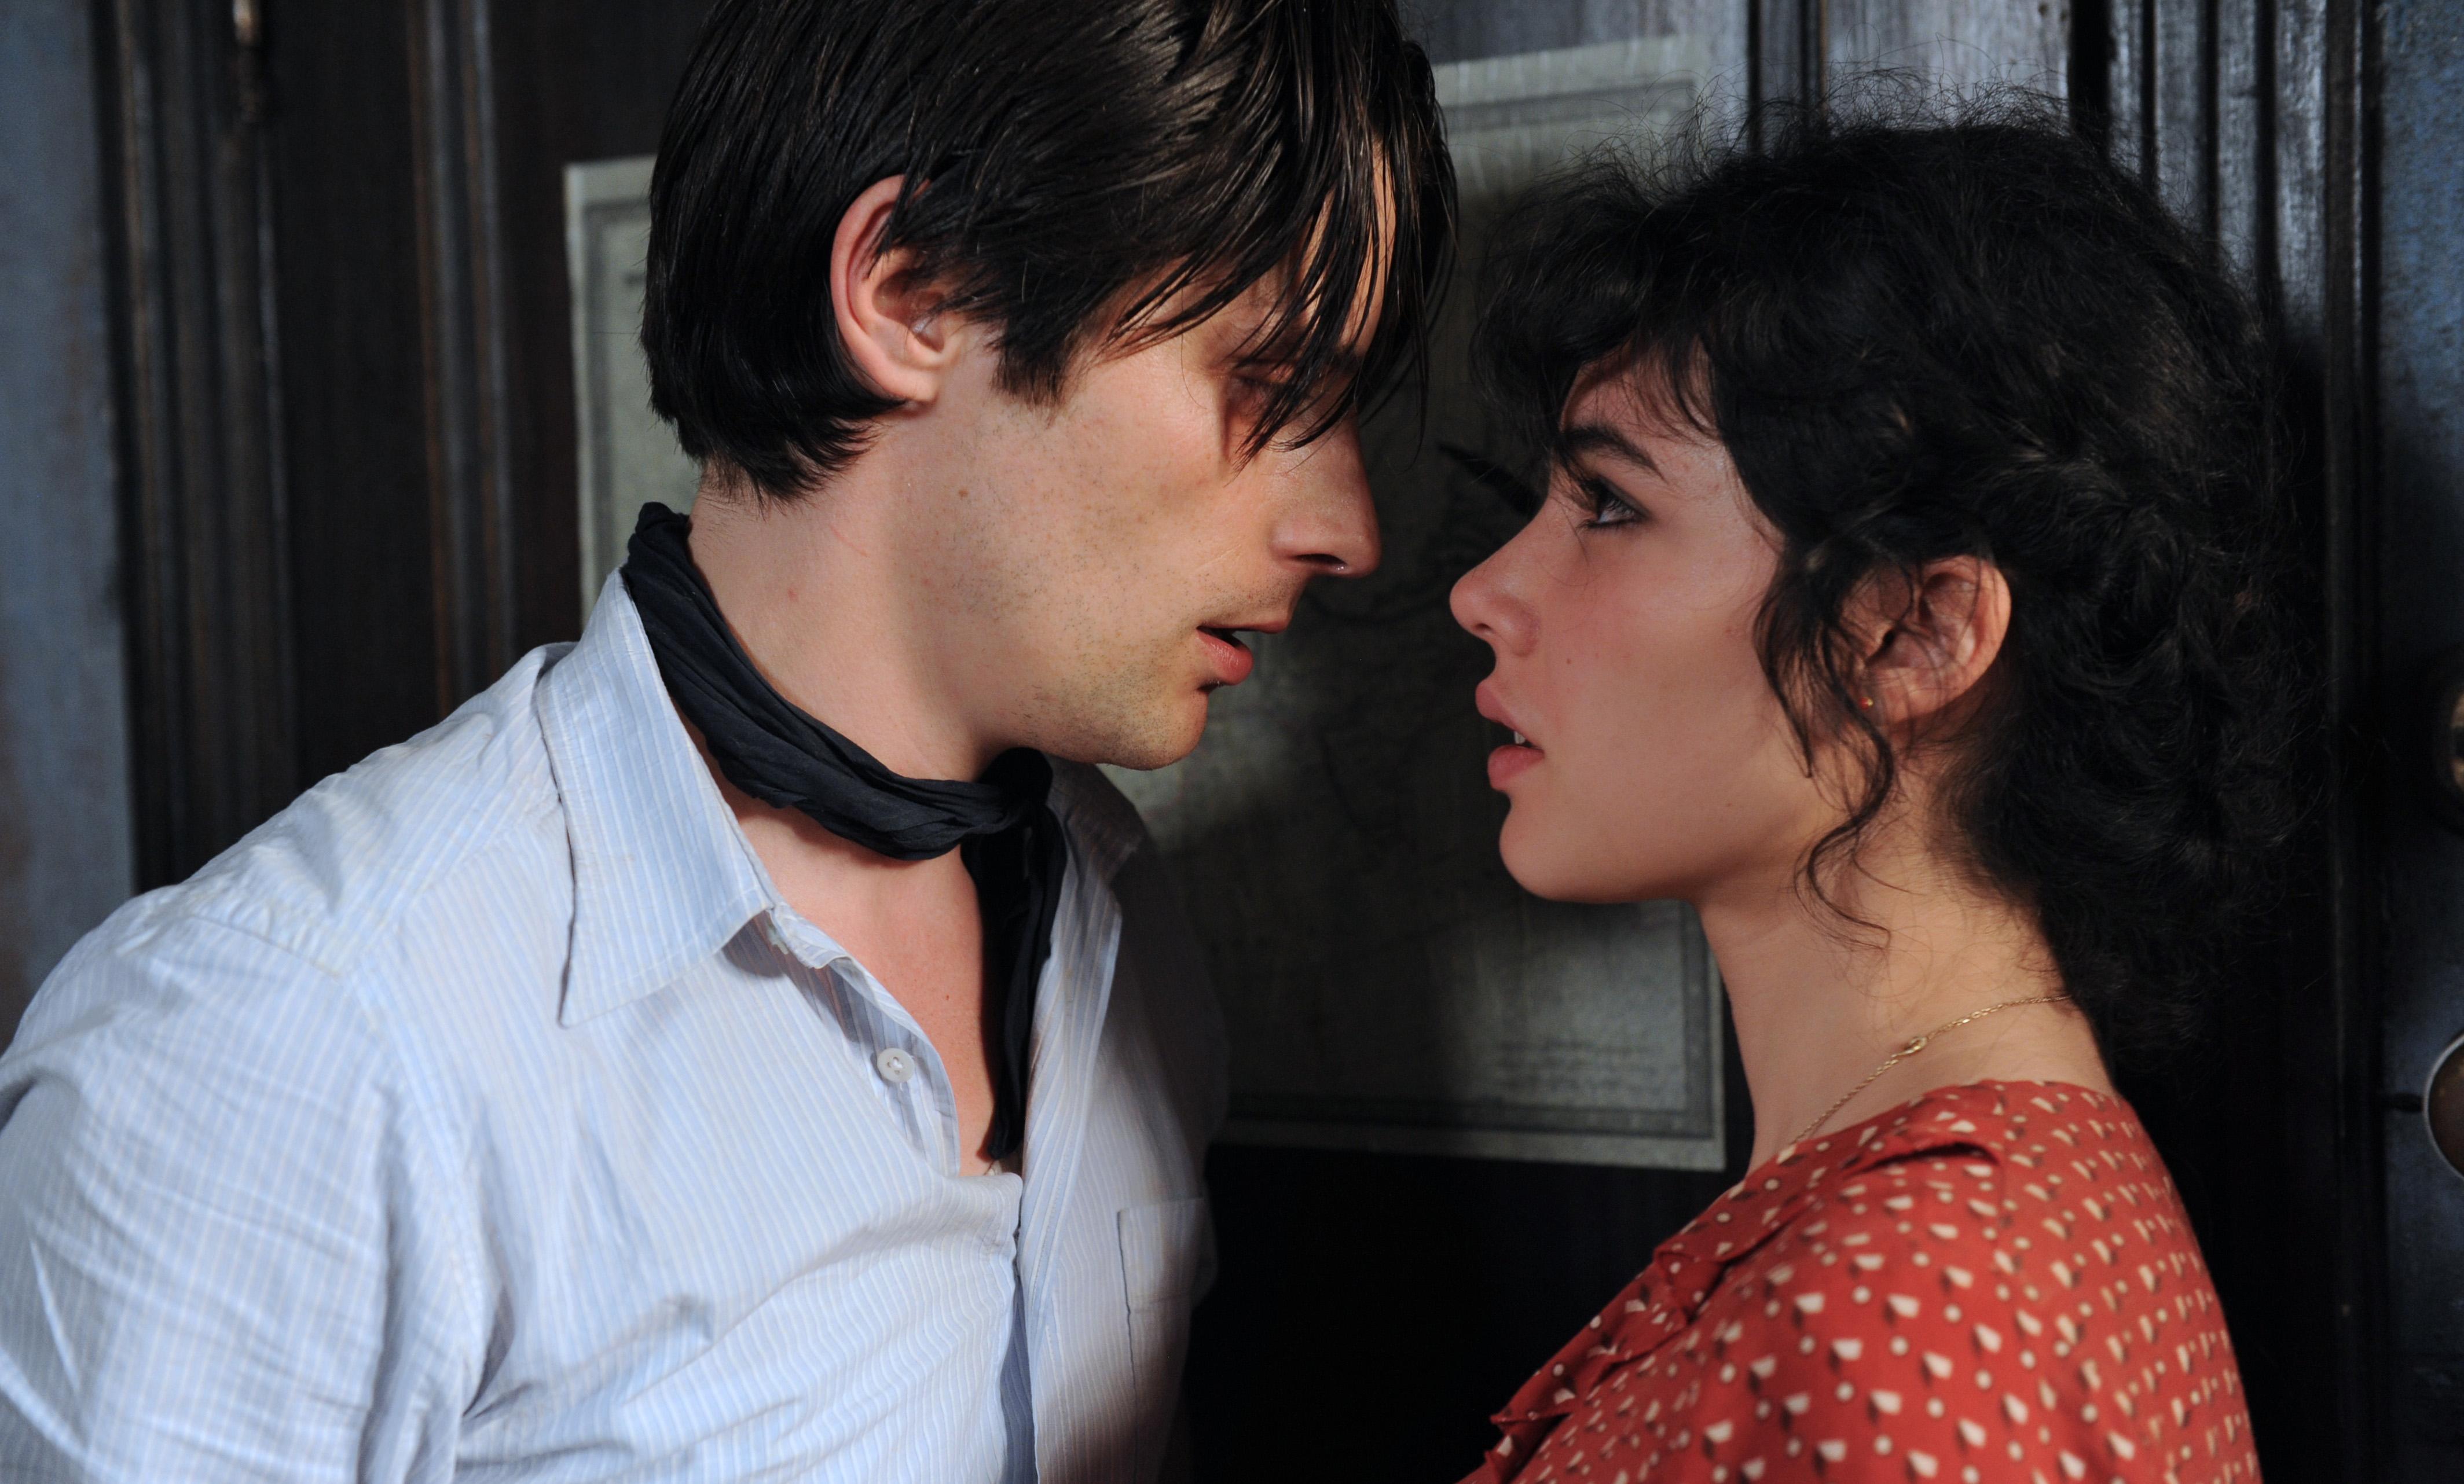 Marius et Fanny sur le point de s'embrasser